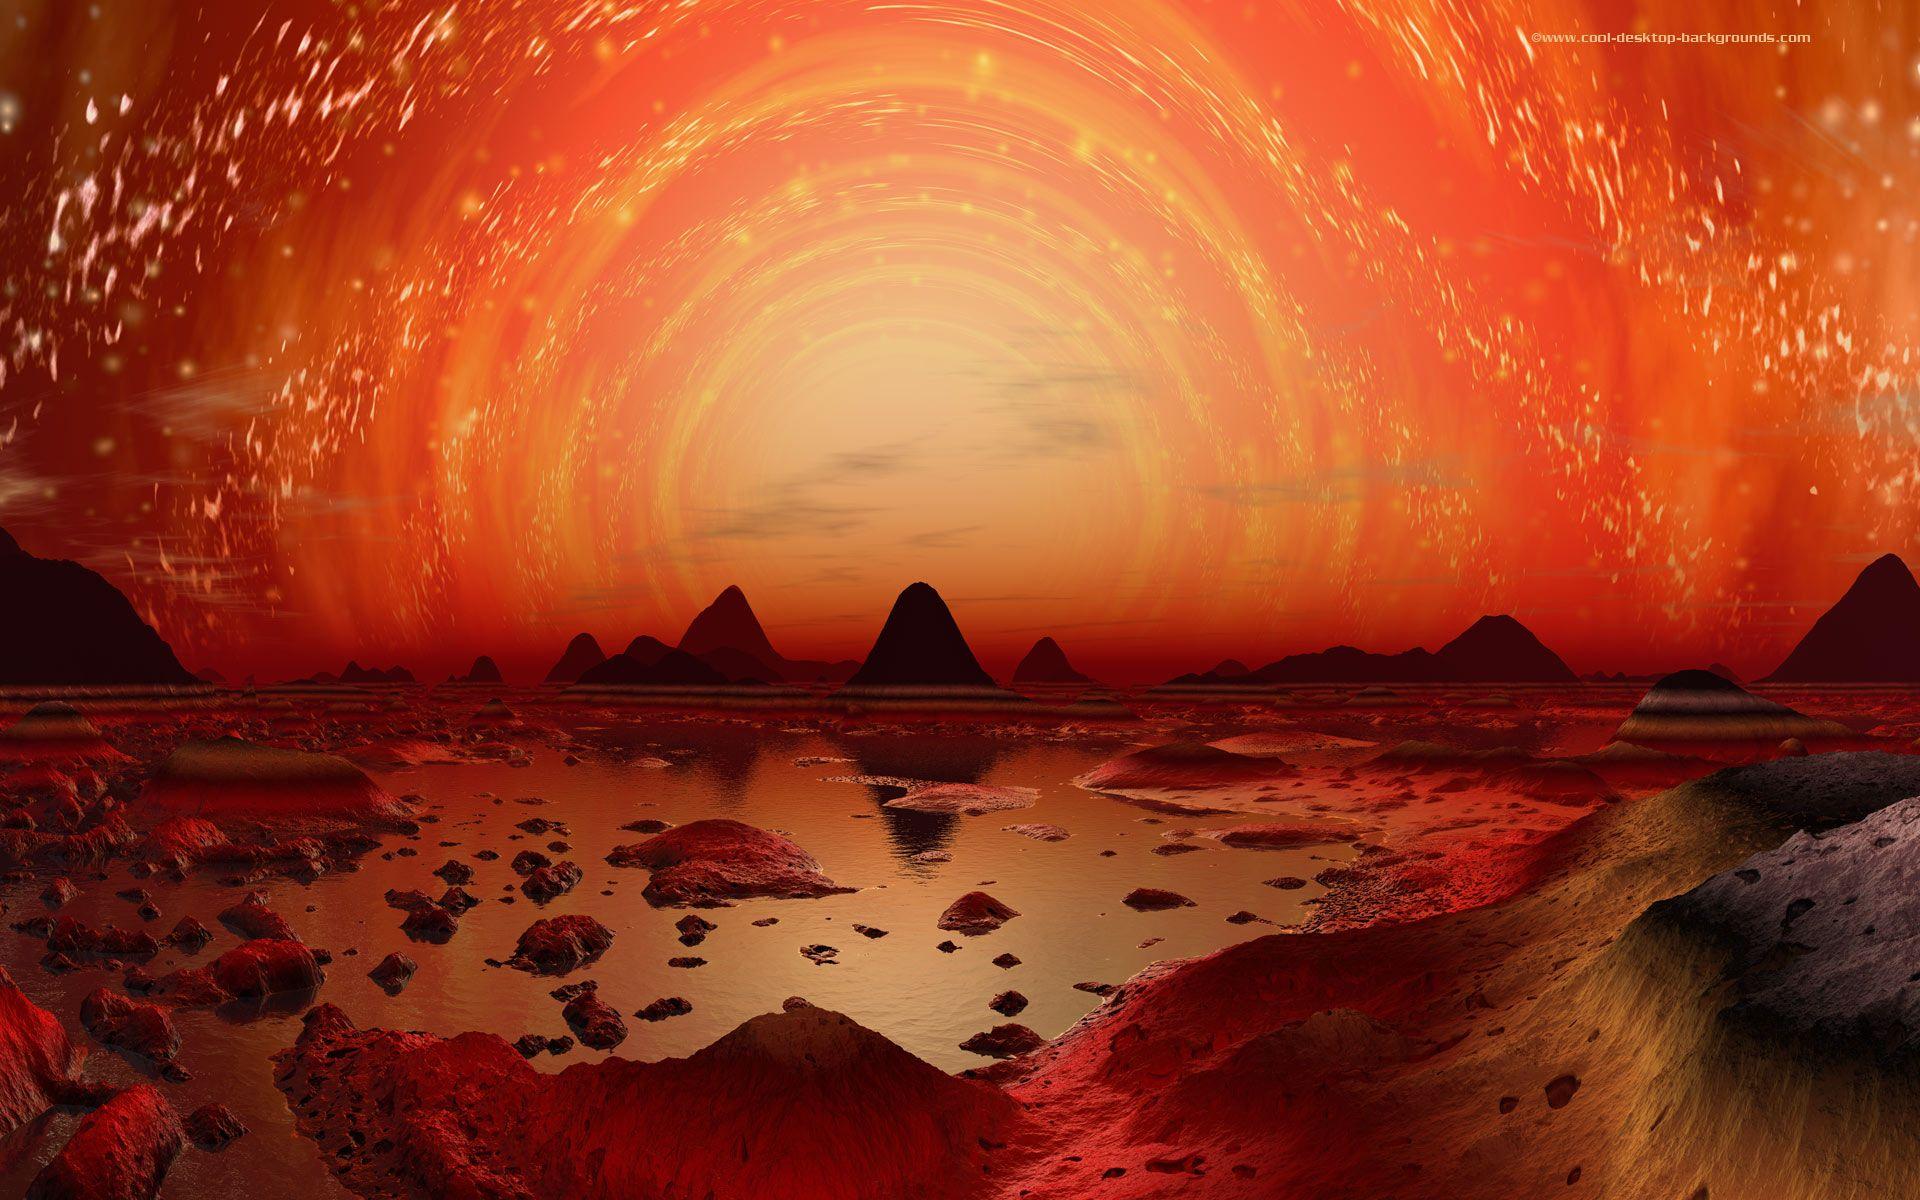 Planetary Landscape Fi Desktop Wallpaper Of An Alien